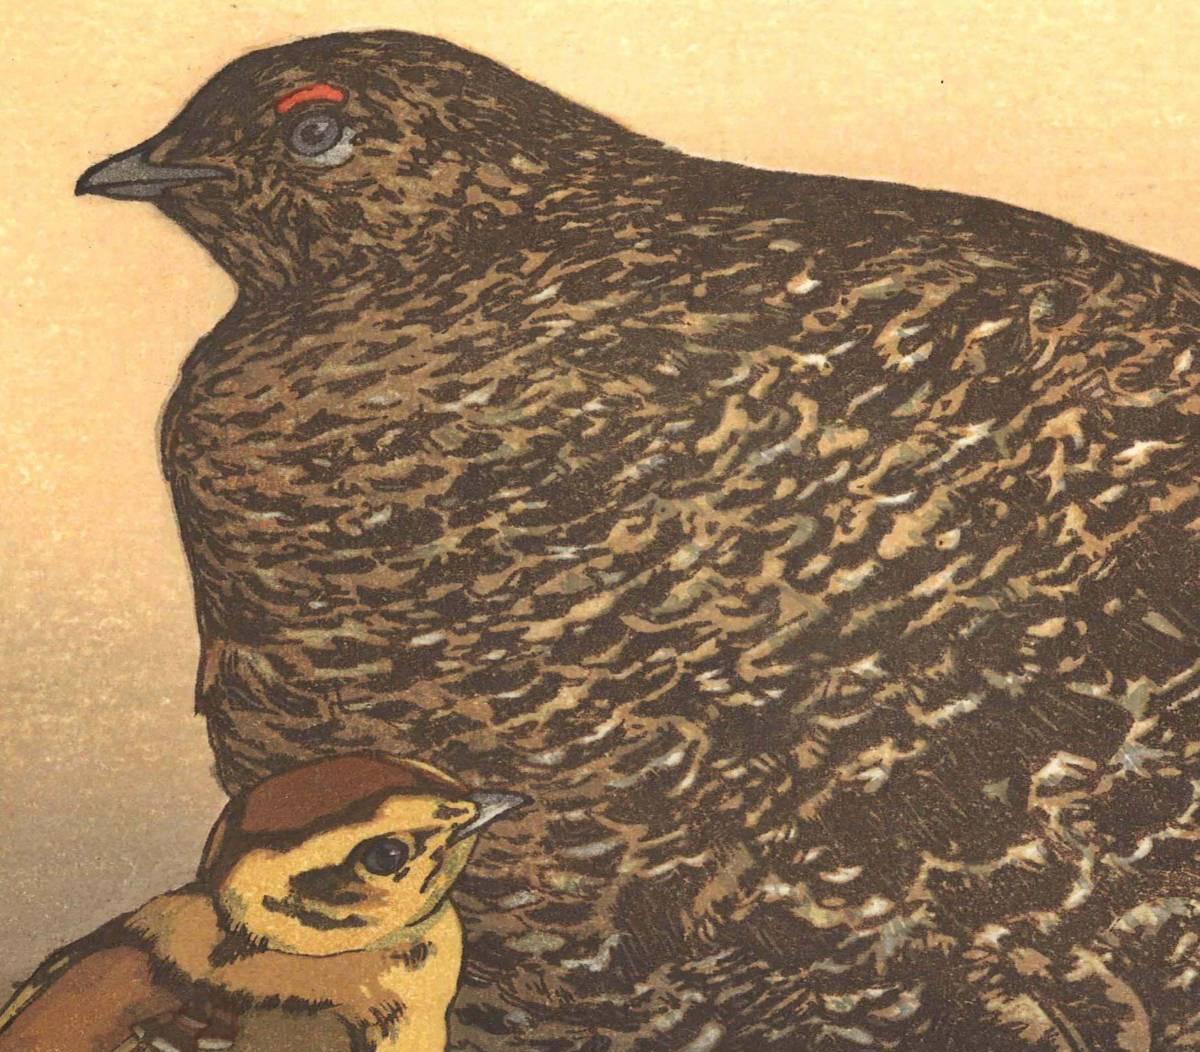 吉田遠志 木版画 013001 雷鳥 (Raicho) 初摺1930年 初期の頃の作品!!  最高峰の摺師の技をご堪能下さい!!_画像9